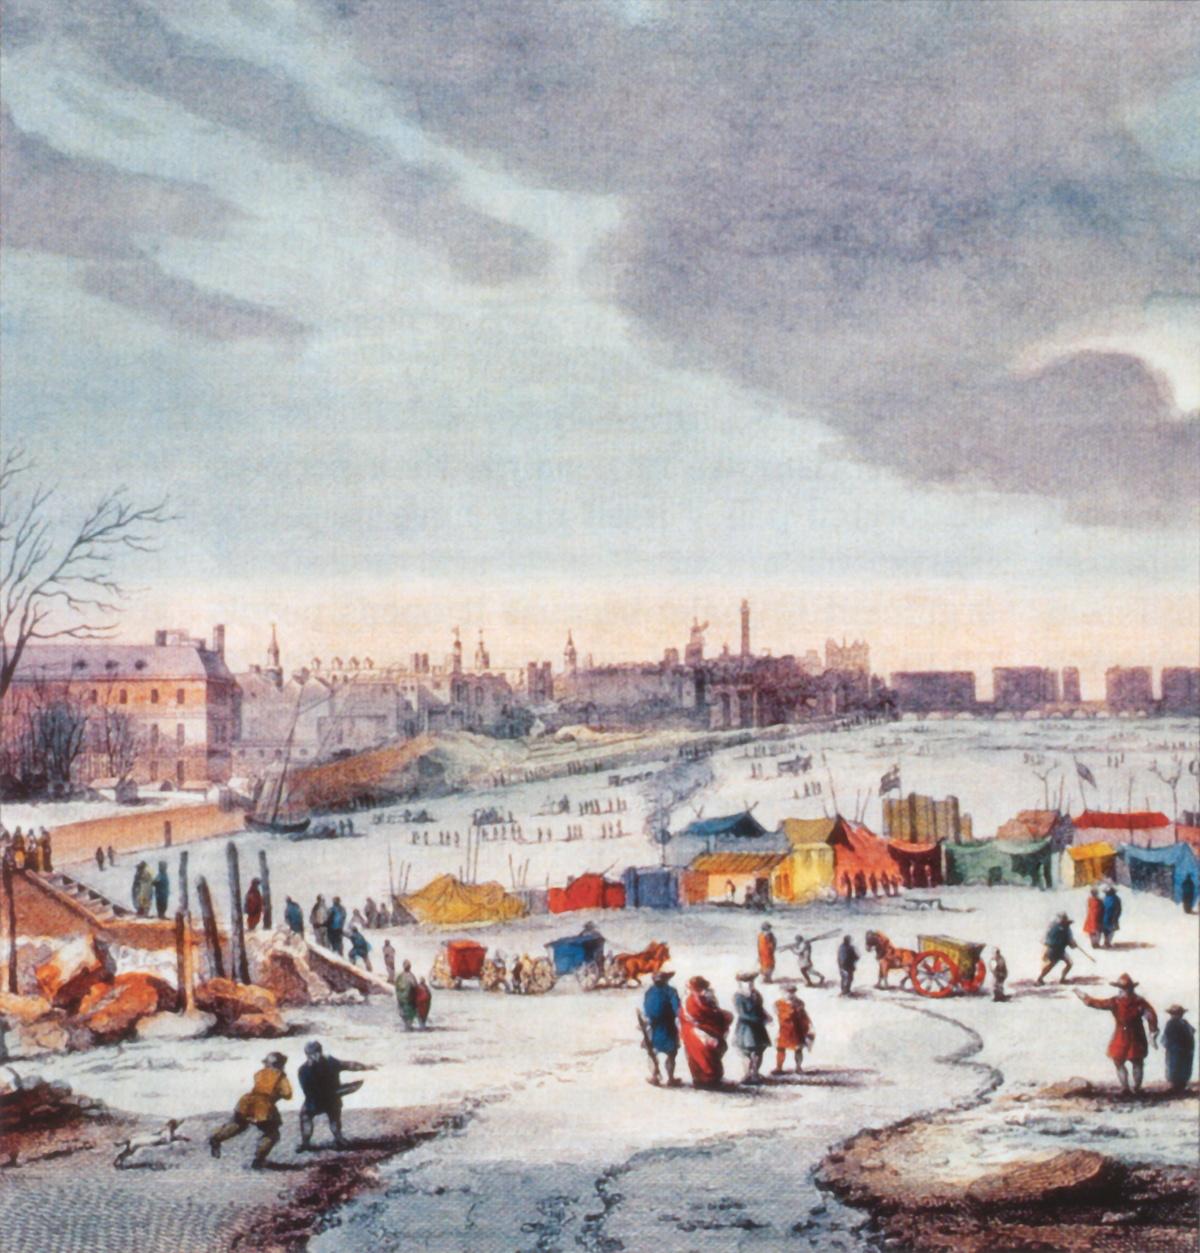 IJspret op de rivier Thames in Londen tijdens de winter van 1683